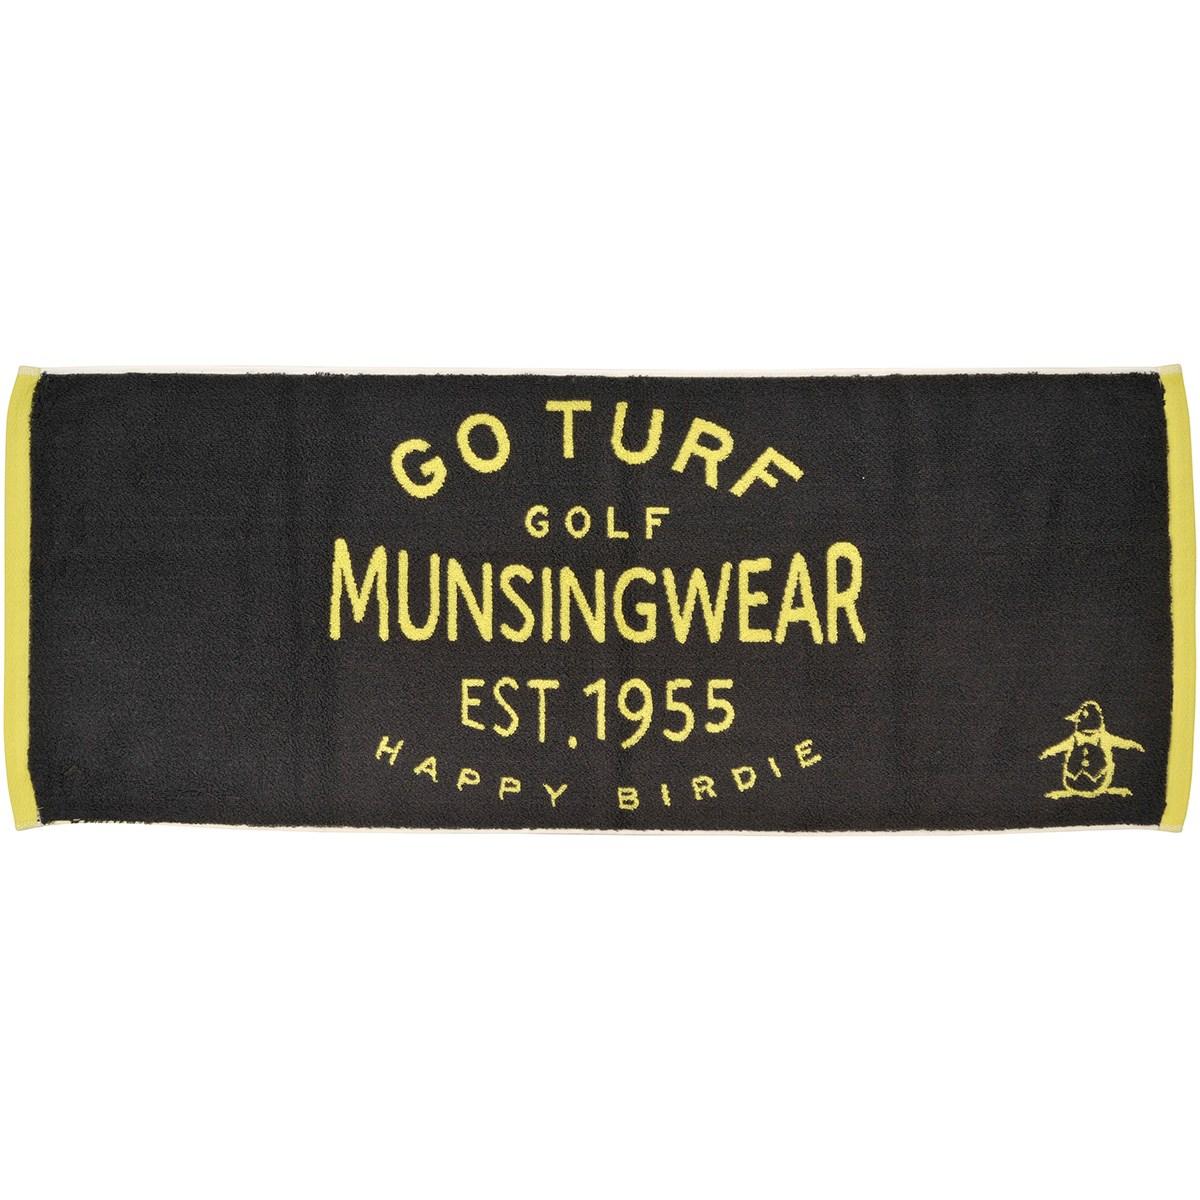 マンシングウェア Munsingwear ゴルフタオル グレー 00